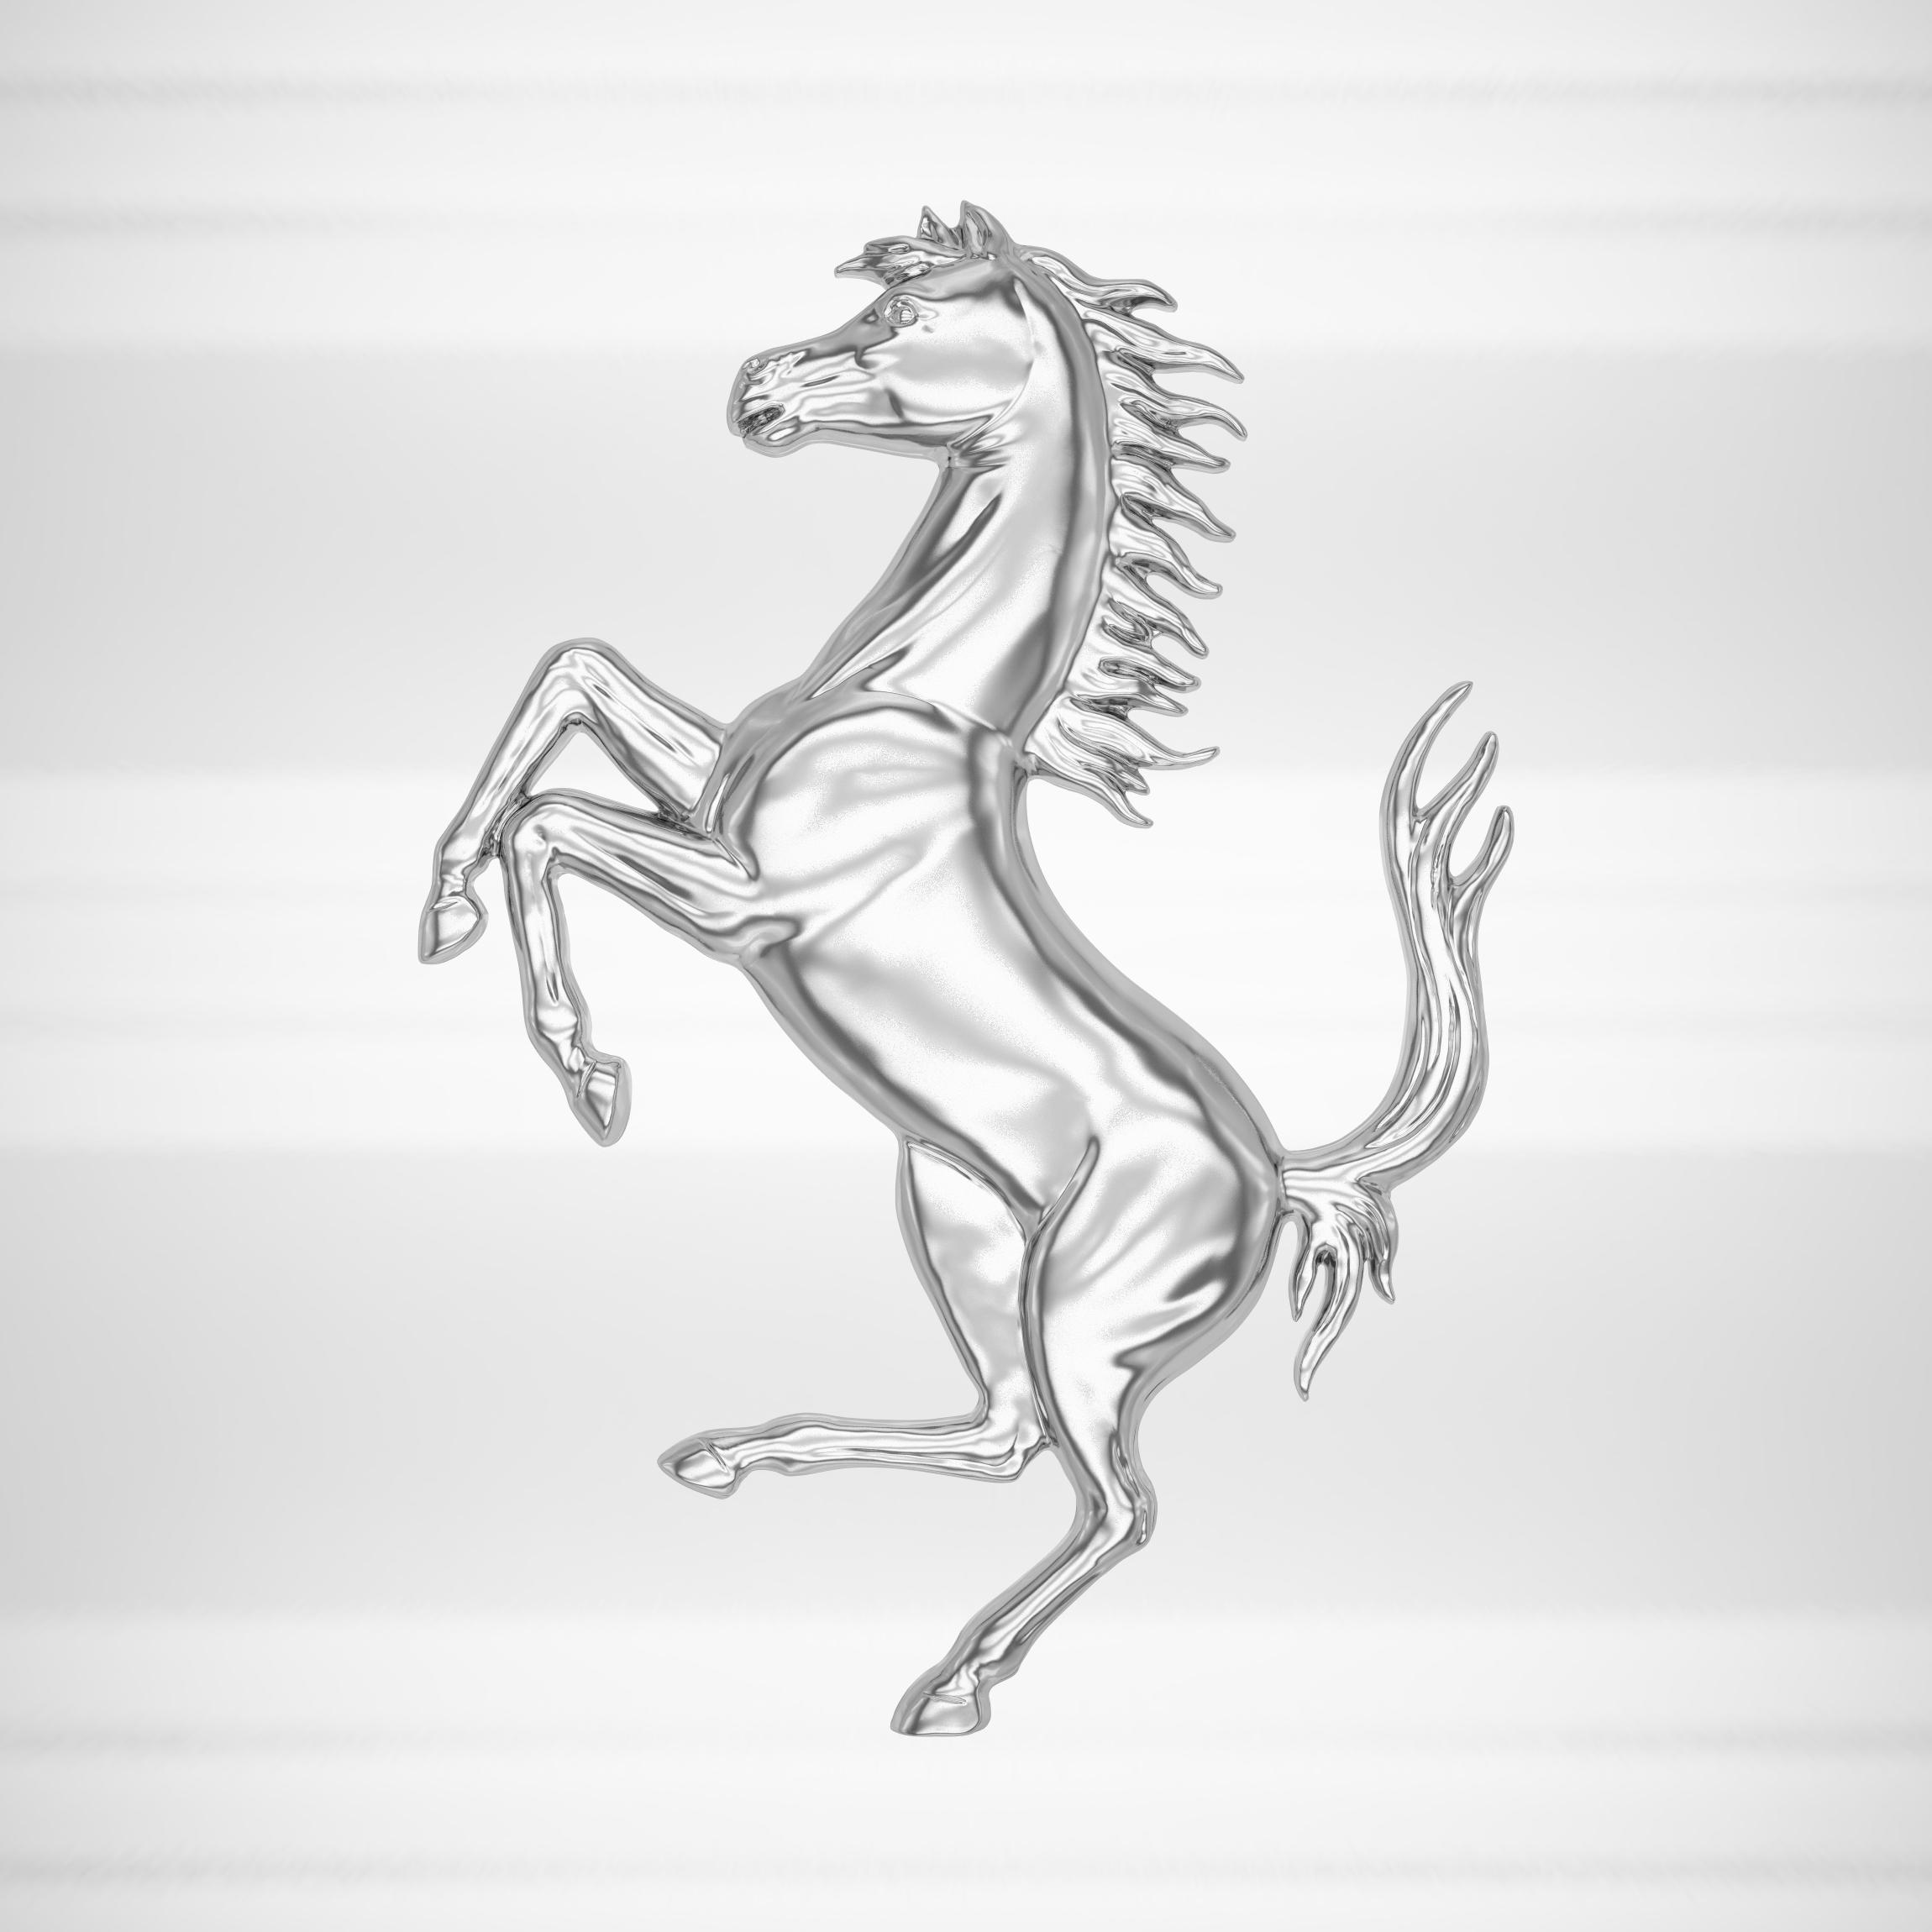 cavallino_cromato RGB